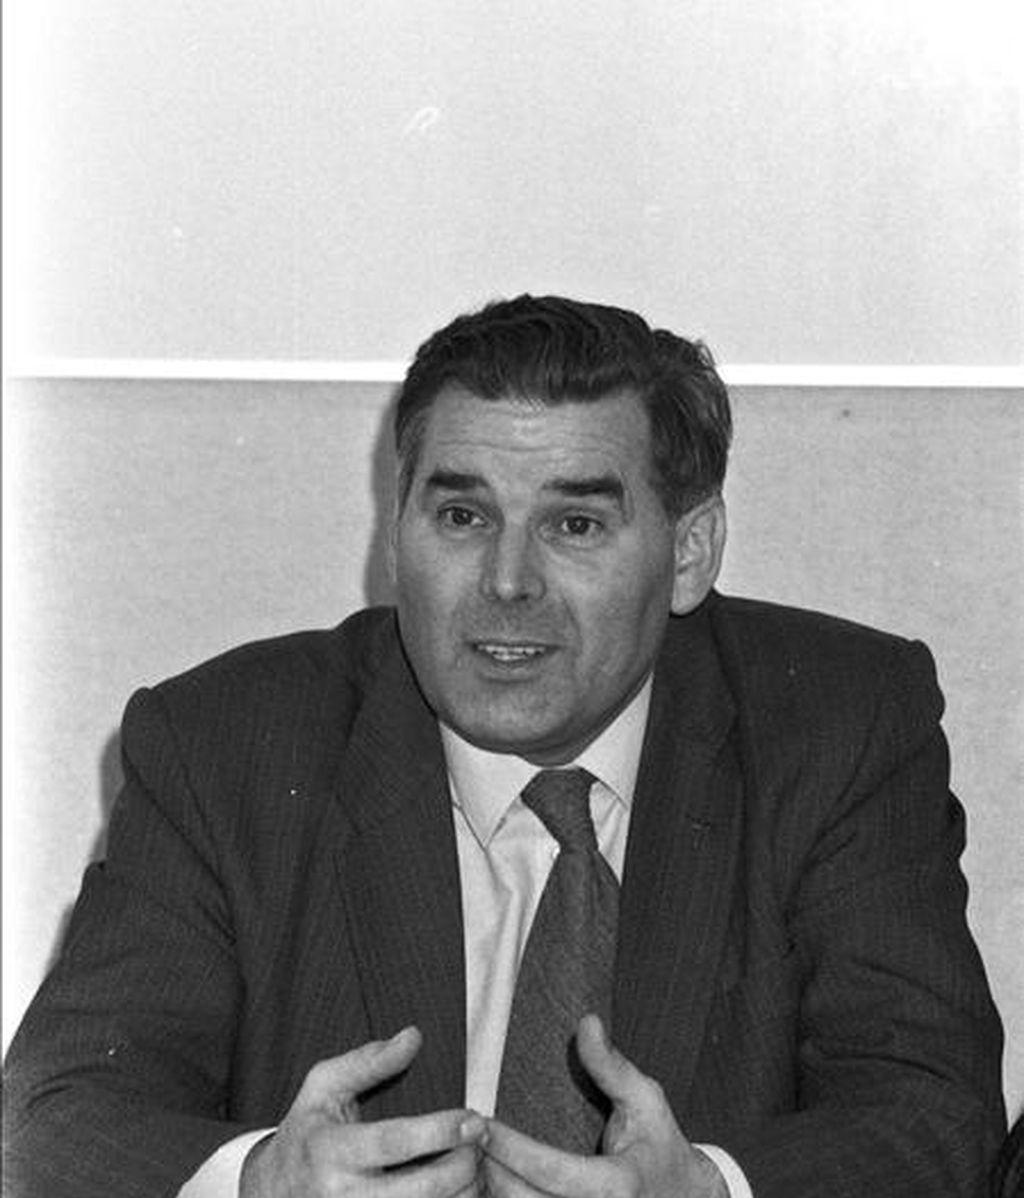 Fotografía de archivo tomada el 19 de diciembre de 1984 que muestra al obispo de Brujas Roger Vangheluwe durante la rueda de prensa posterior a su designación como tal. La Iglesia católica no juzgará al ex obispo de Brujas por abusar de un menor. EFE/Archivo